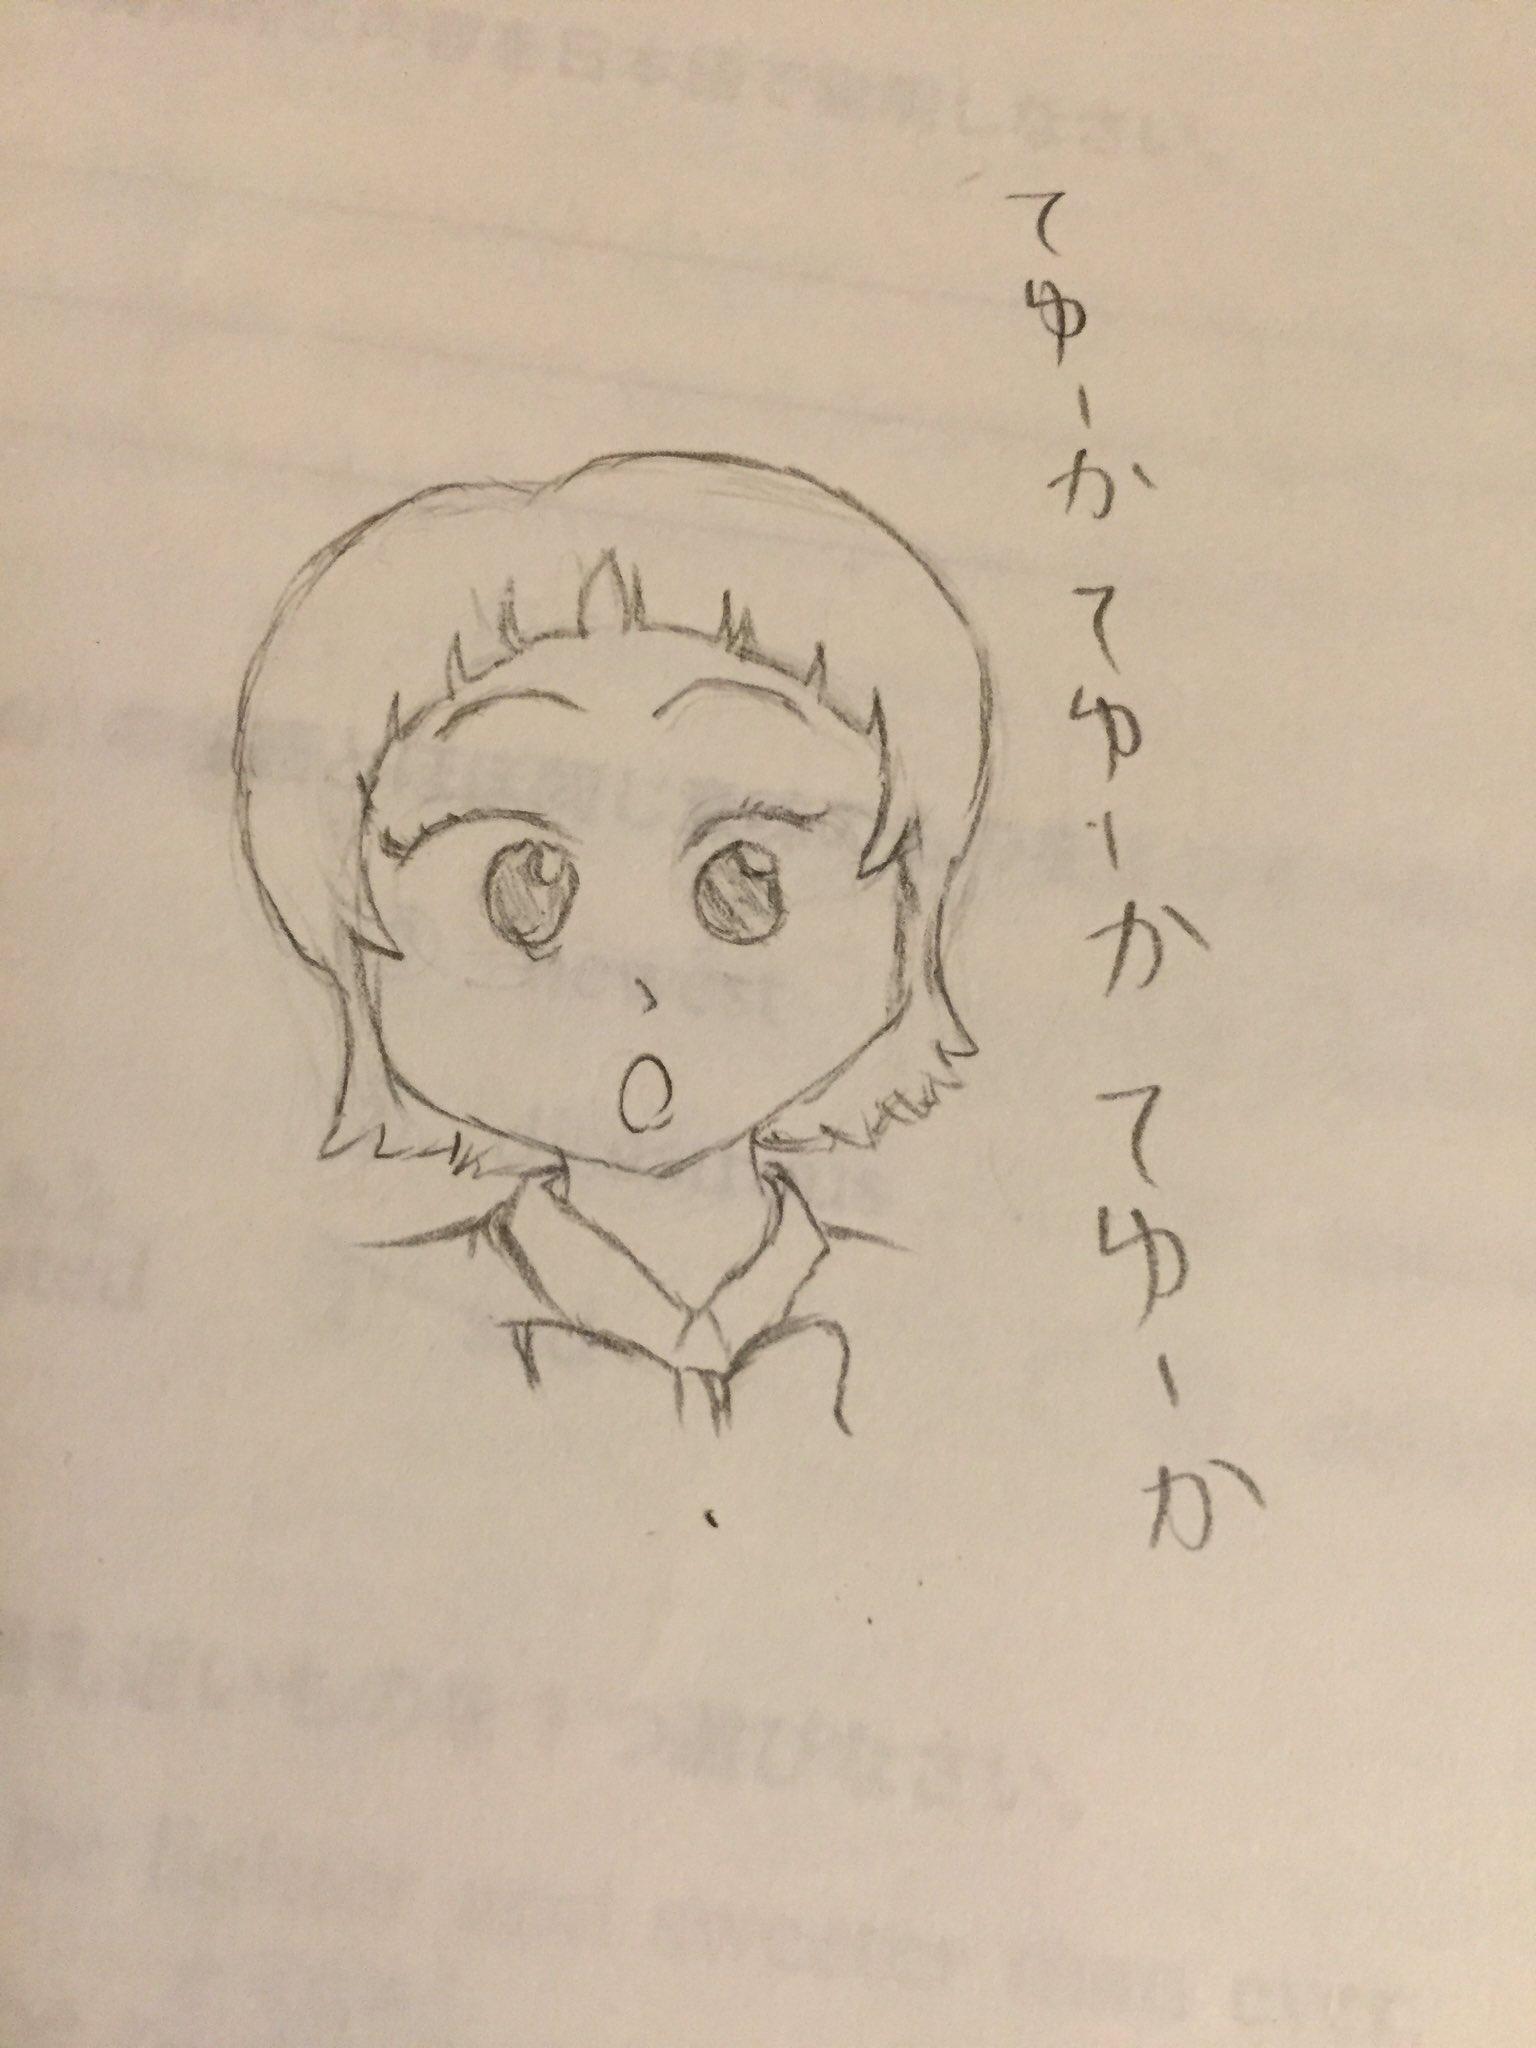 ぺん (@DoracleWar)さんのイラスト